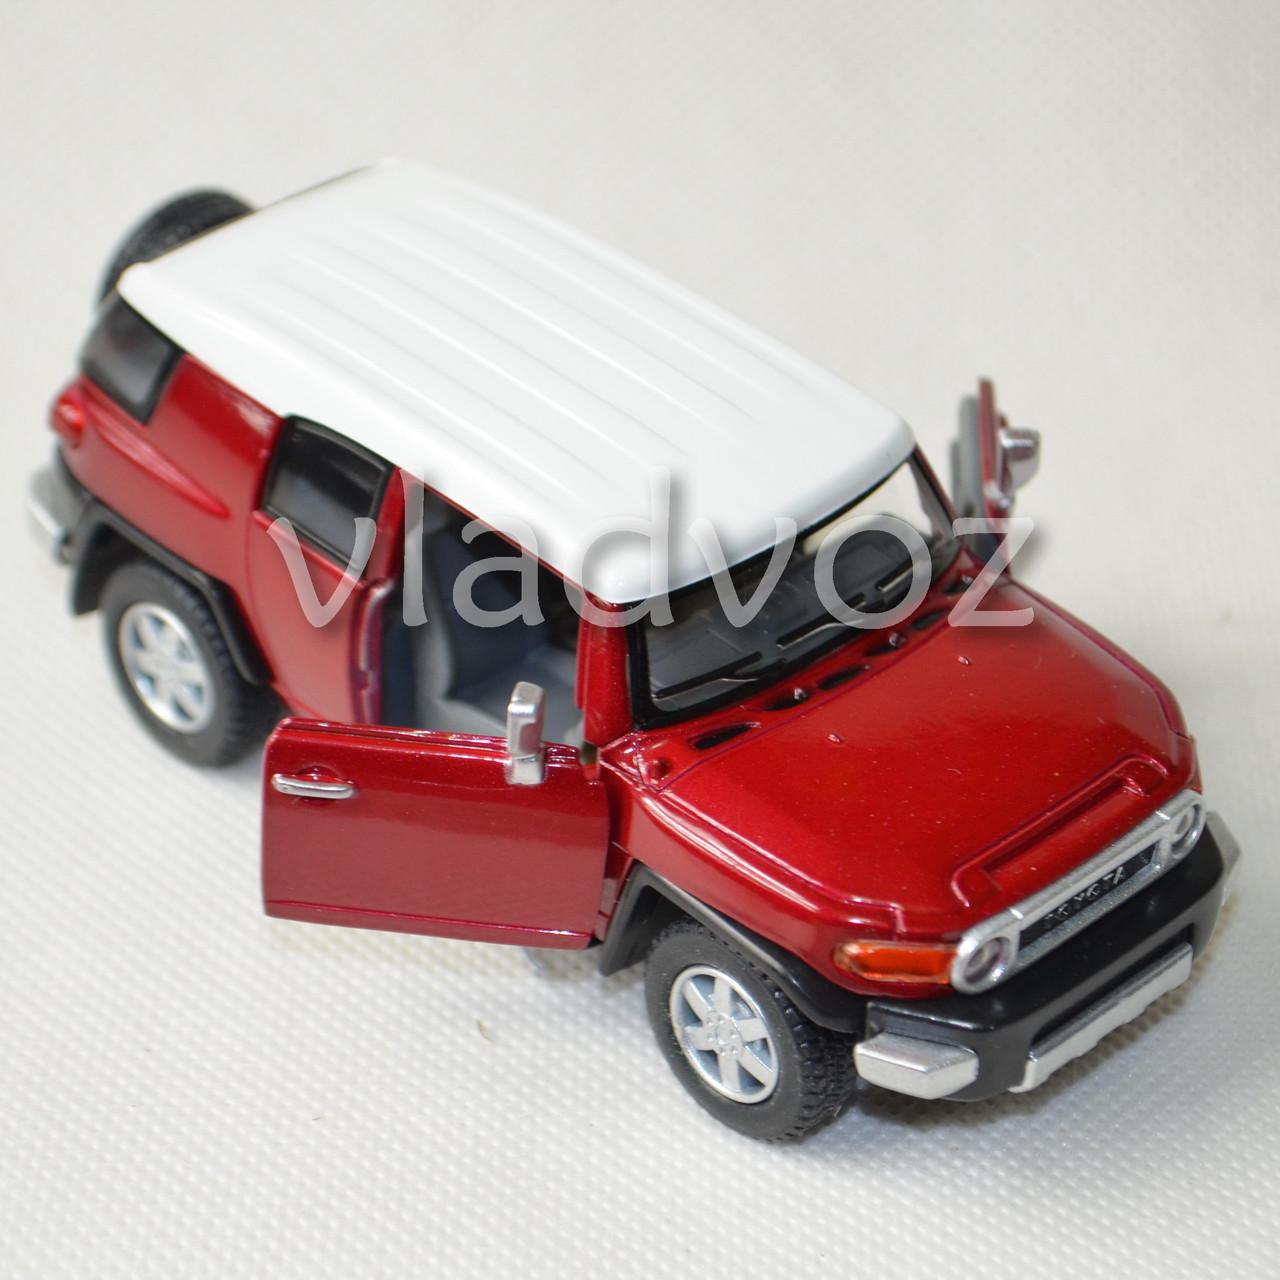 Машинка модель из металла Toyota FJ Cruiser метал 1:32 красного цвета